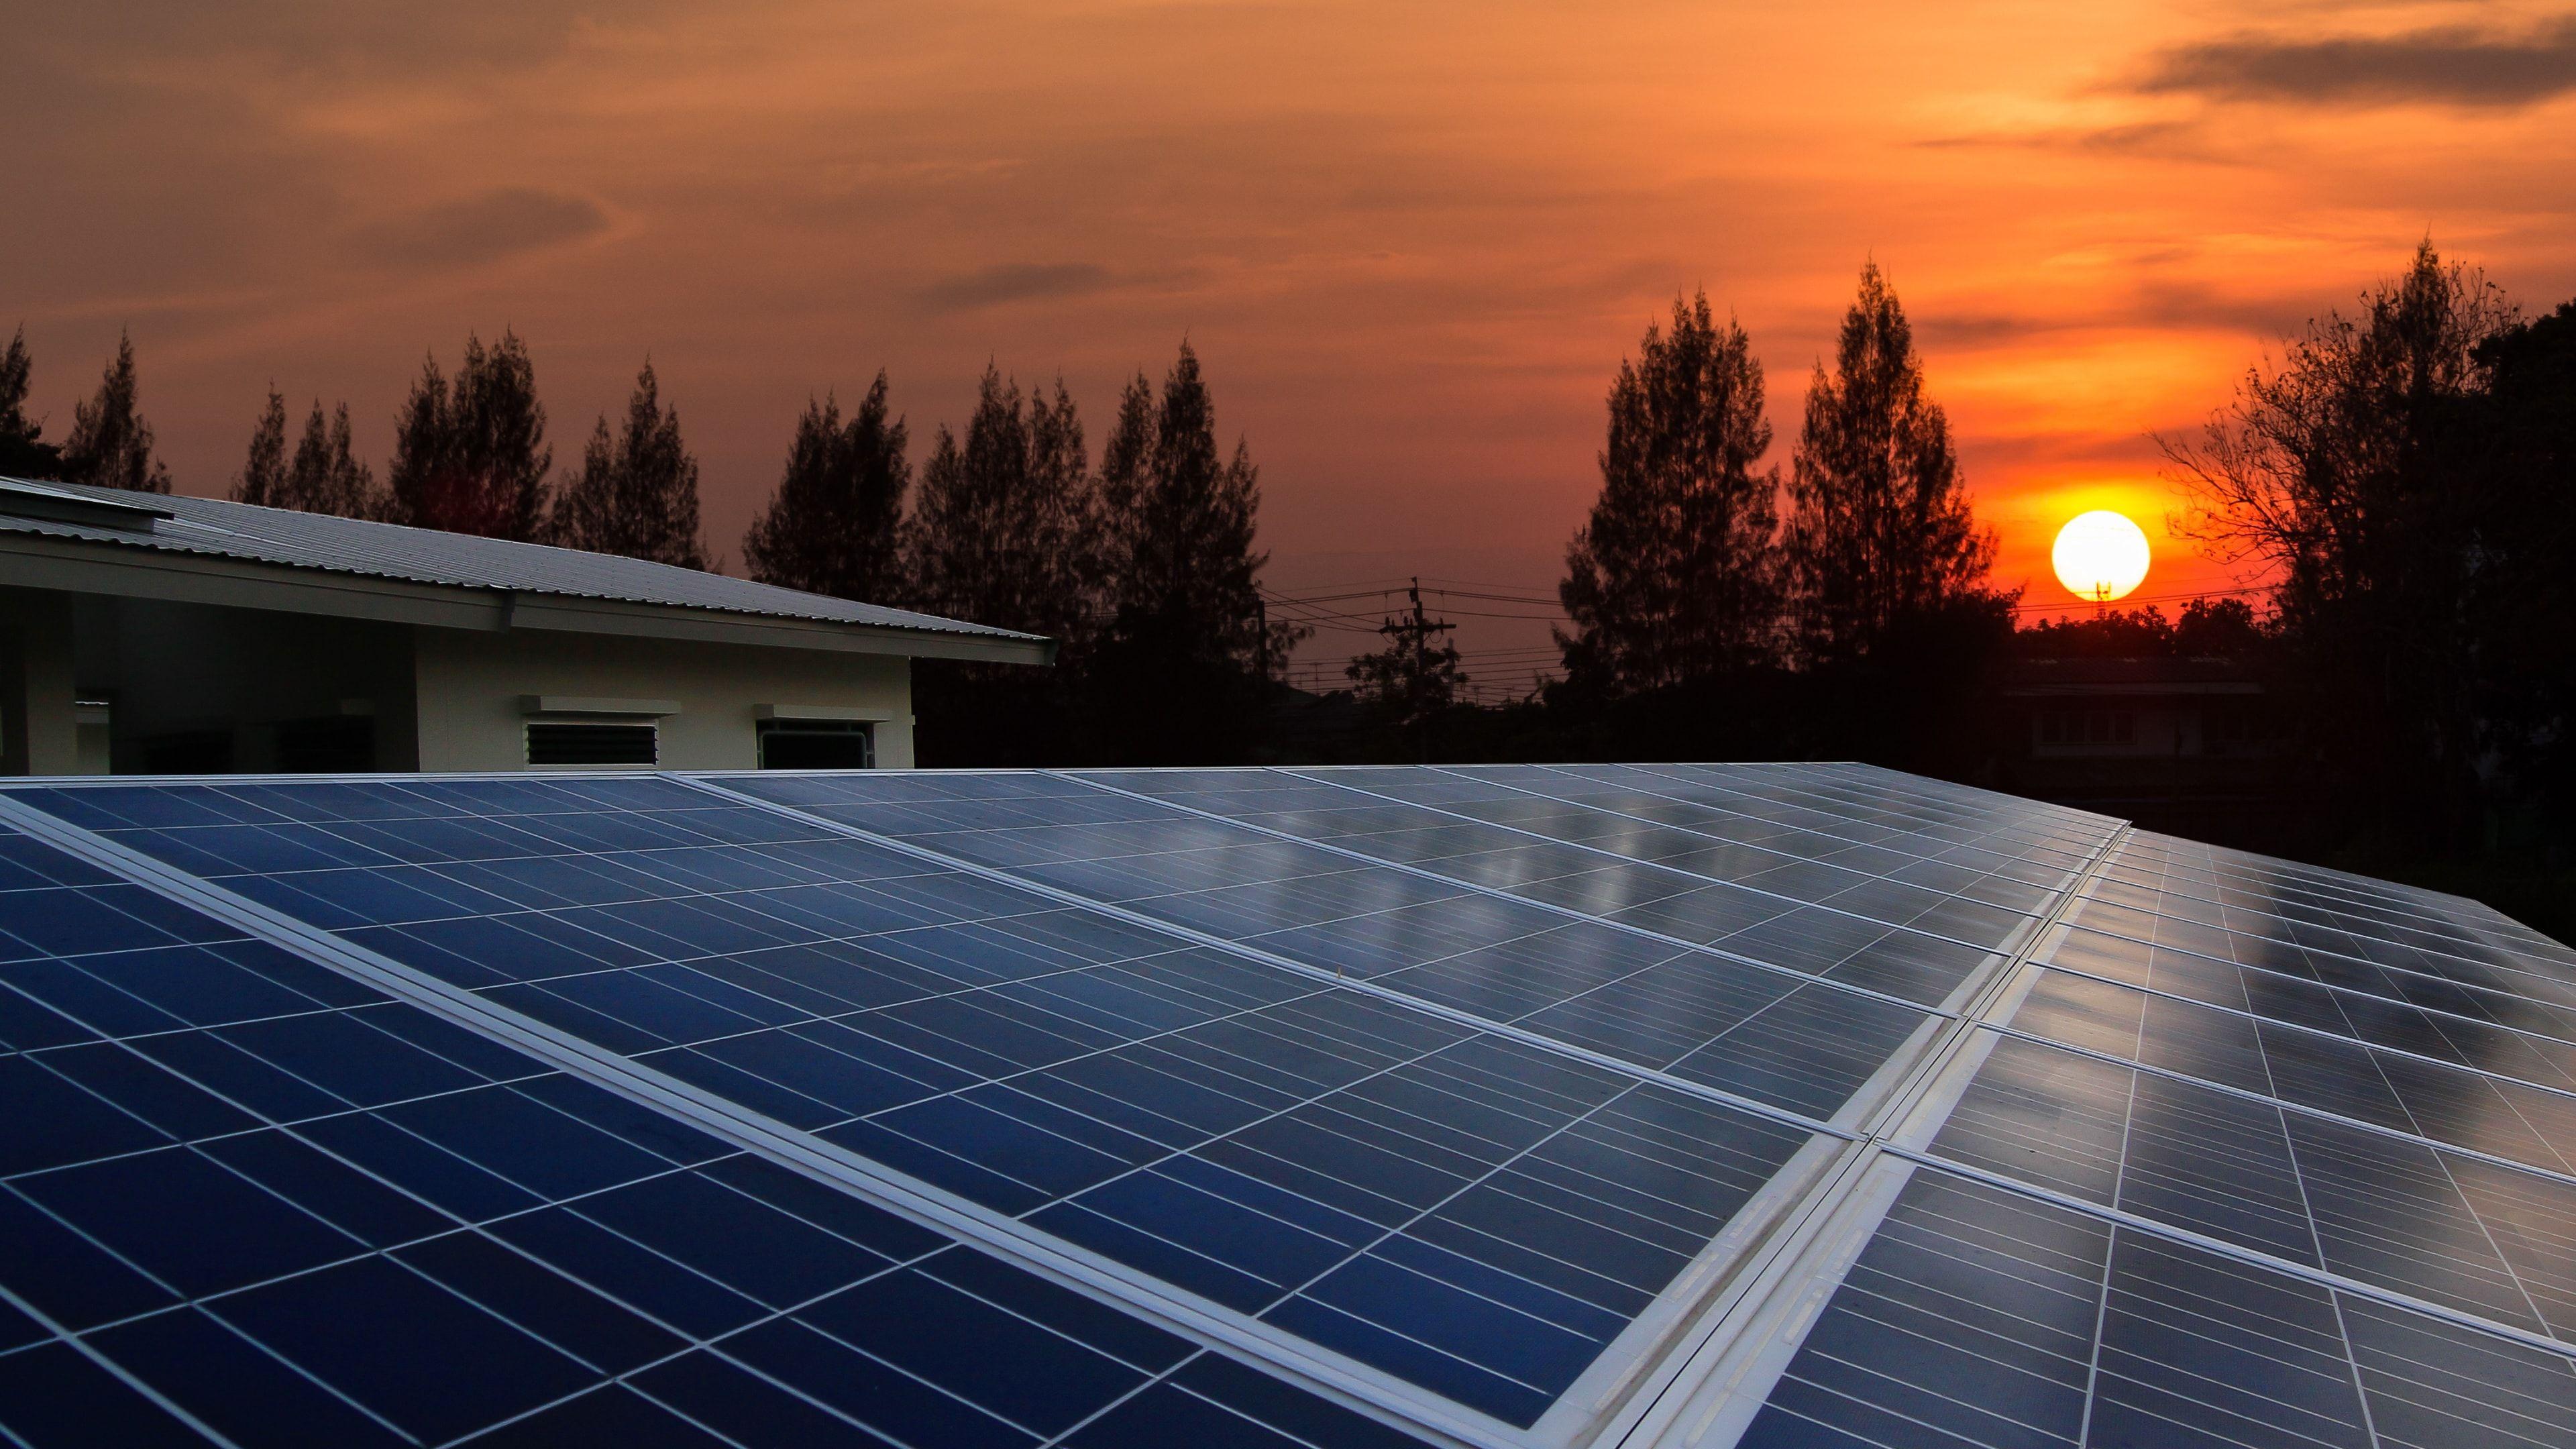 Wie Kann Ich Die Beste Solaranlage Auswahlen Wichtig Fur Den Ertrag Einer Solaranlage Sind Die Ausrichtung Des Dachs Sowi Solar Solar Panel Cost Solar Panels